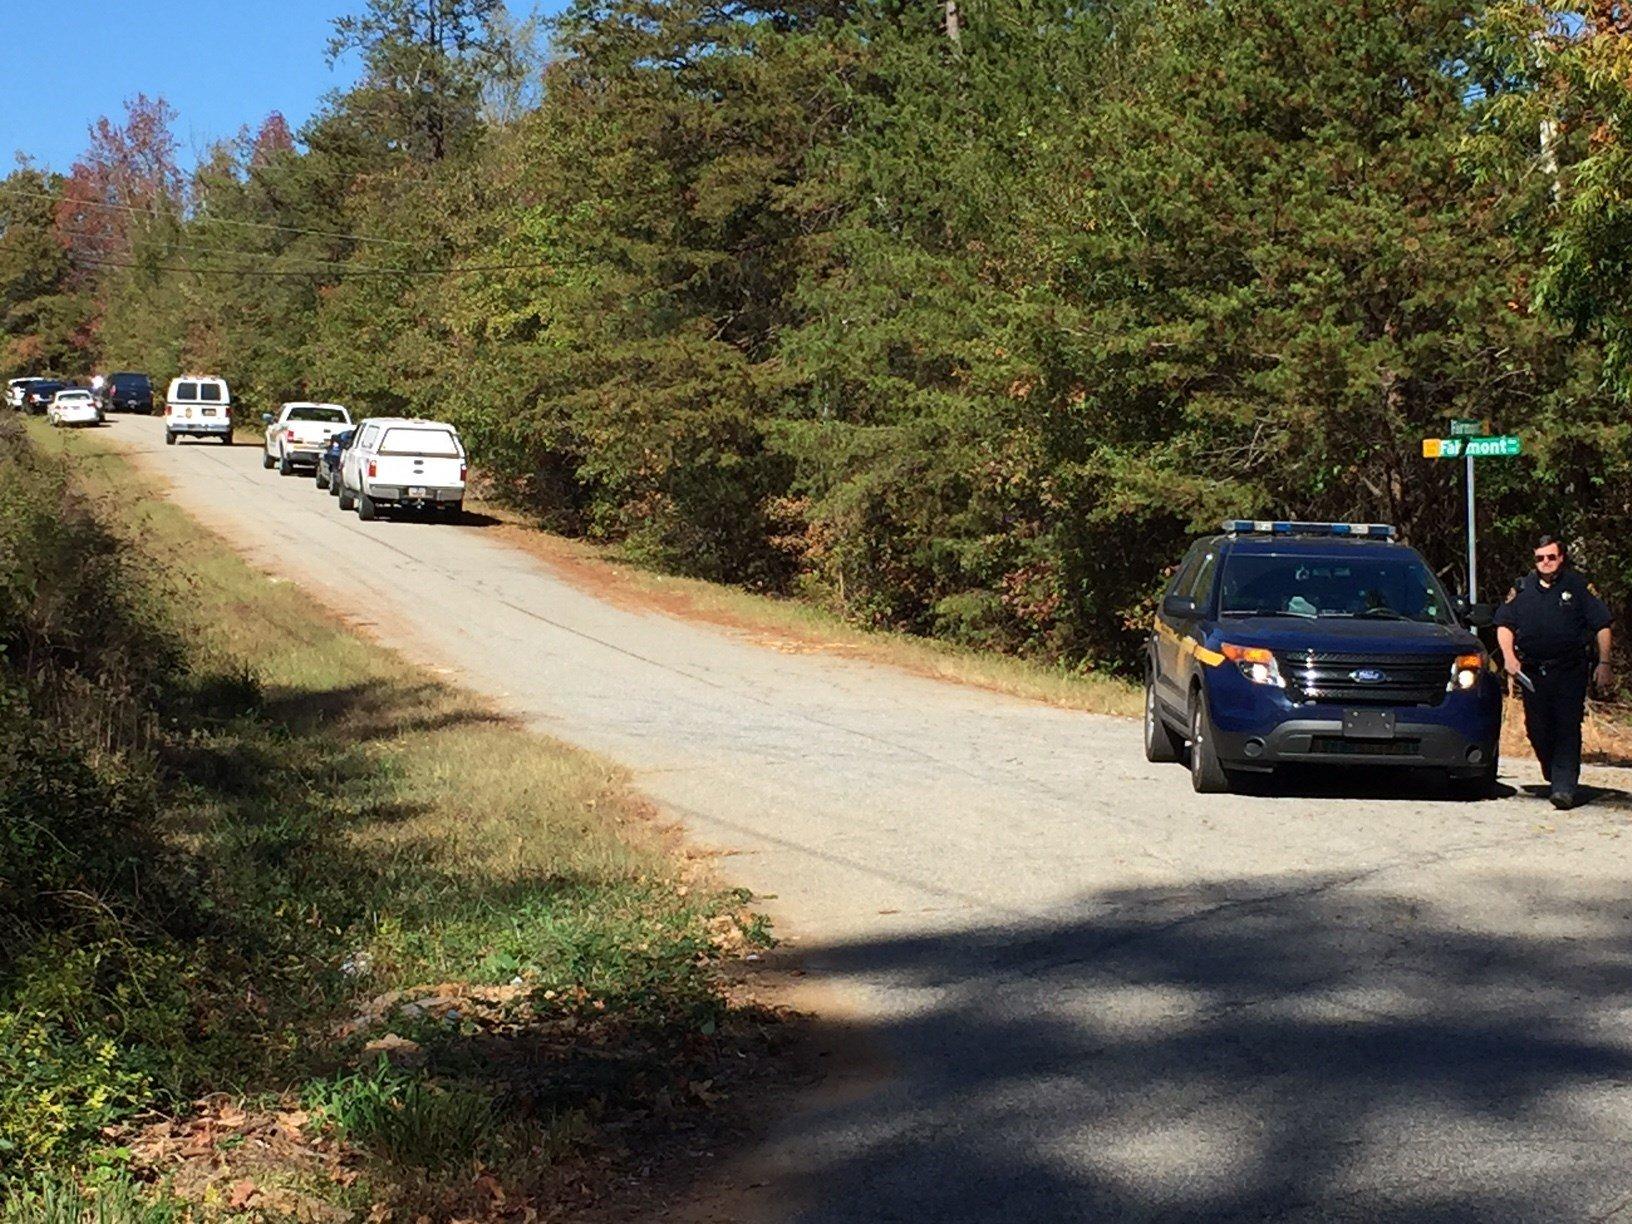 Scene near Melvin Road. (Nov. 7, 2016/FOX Carolina)